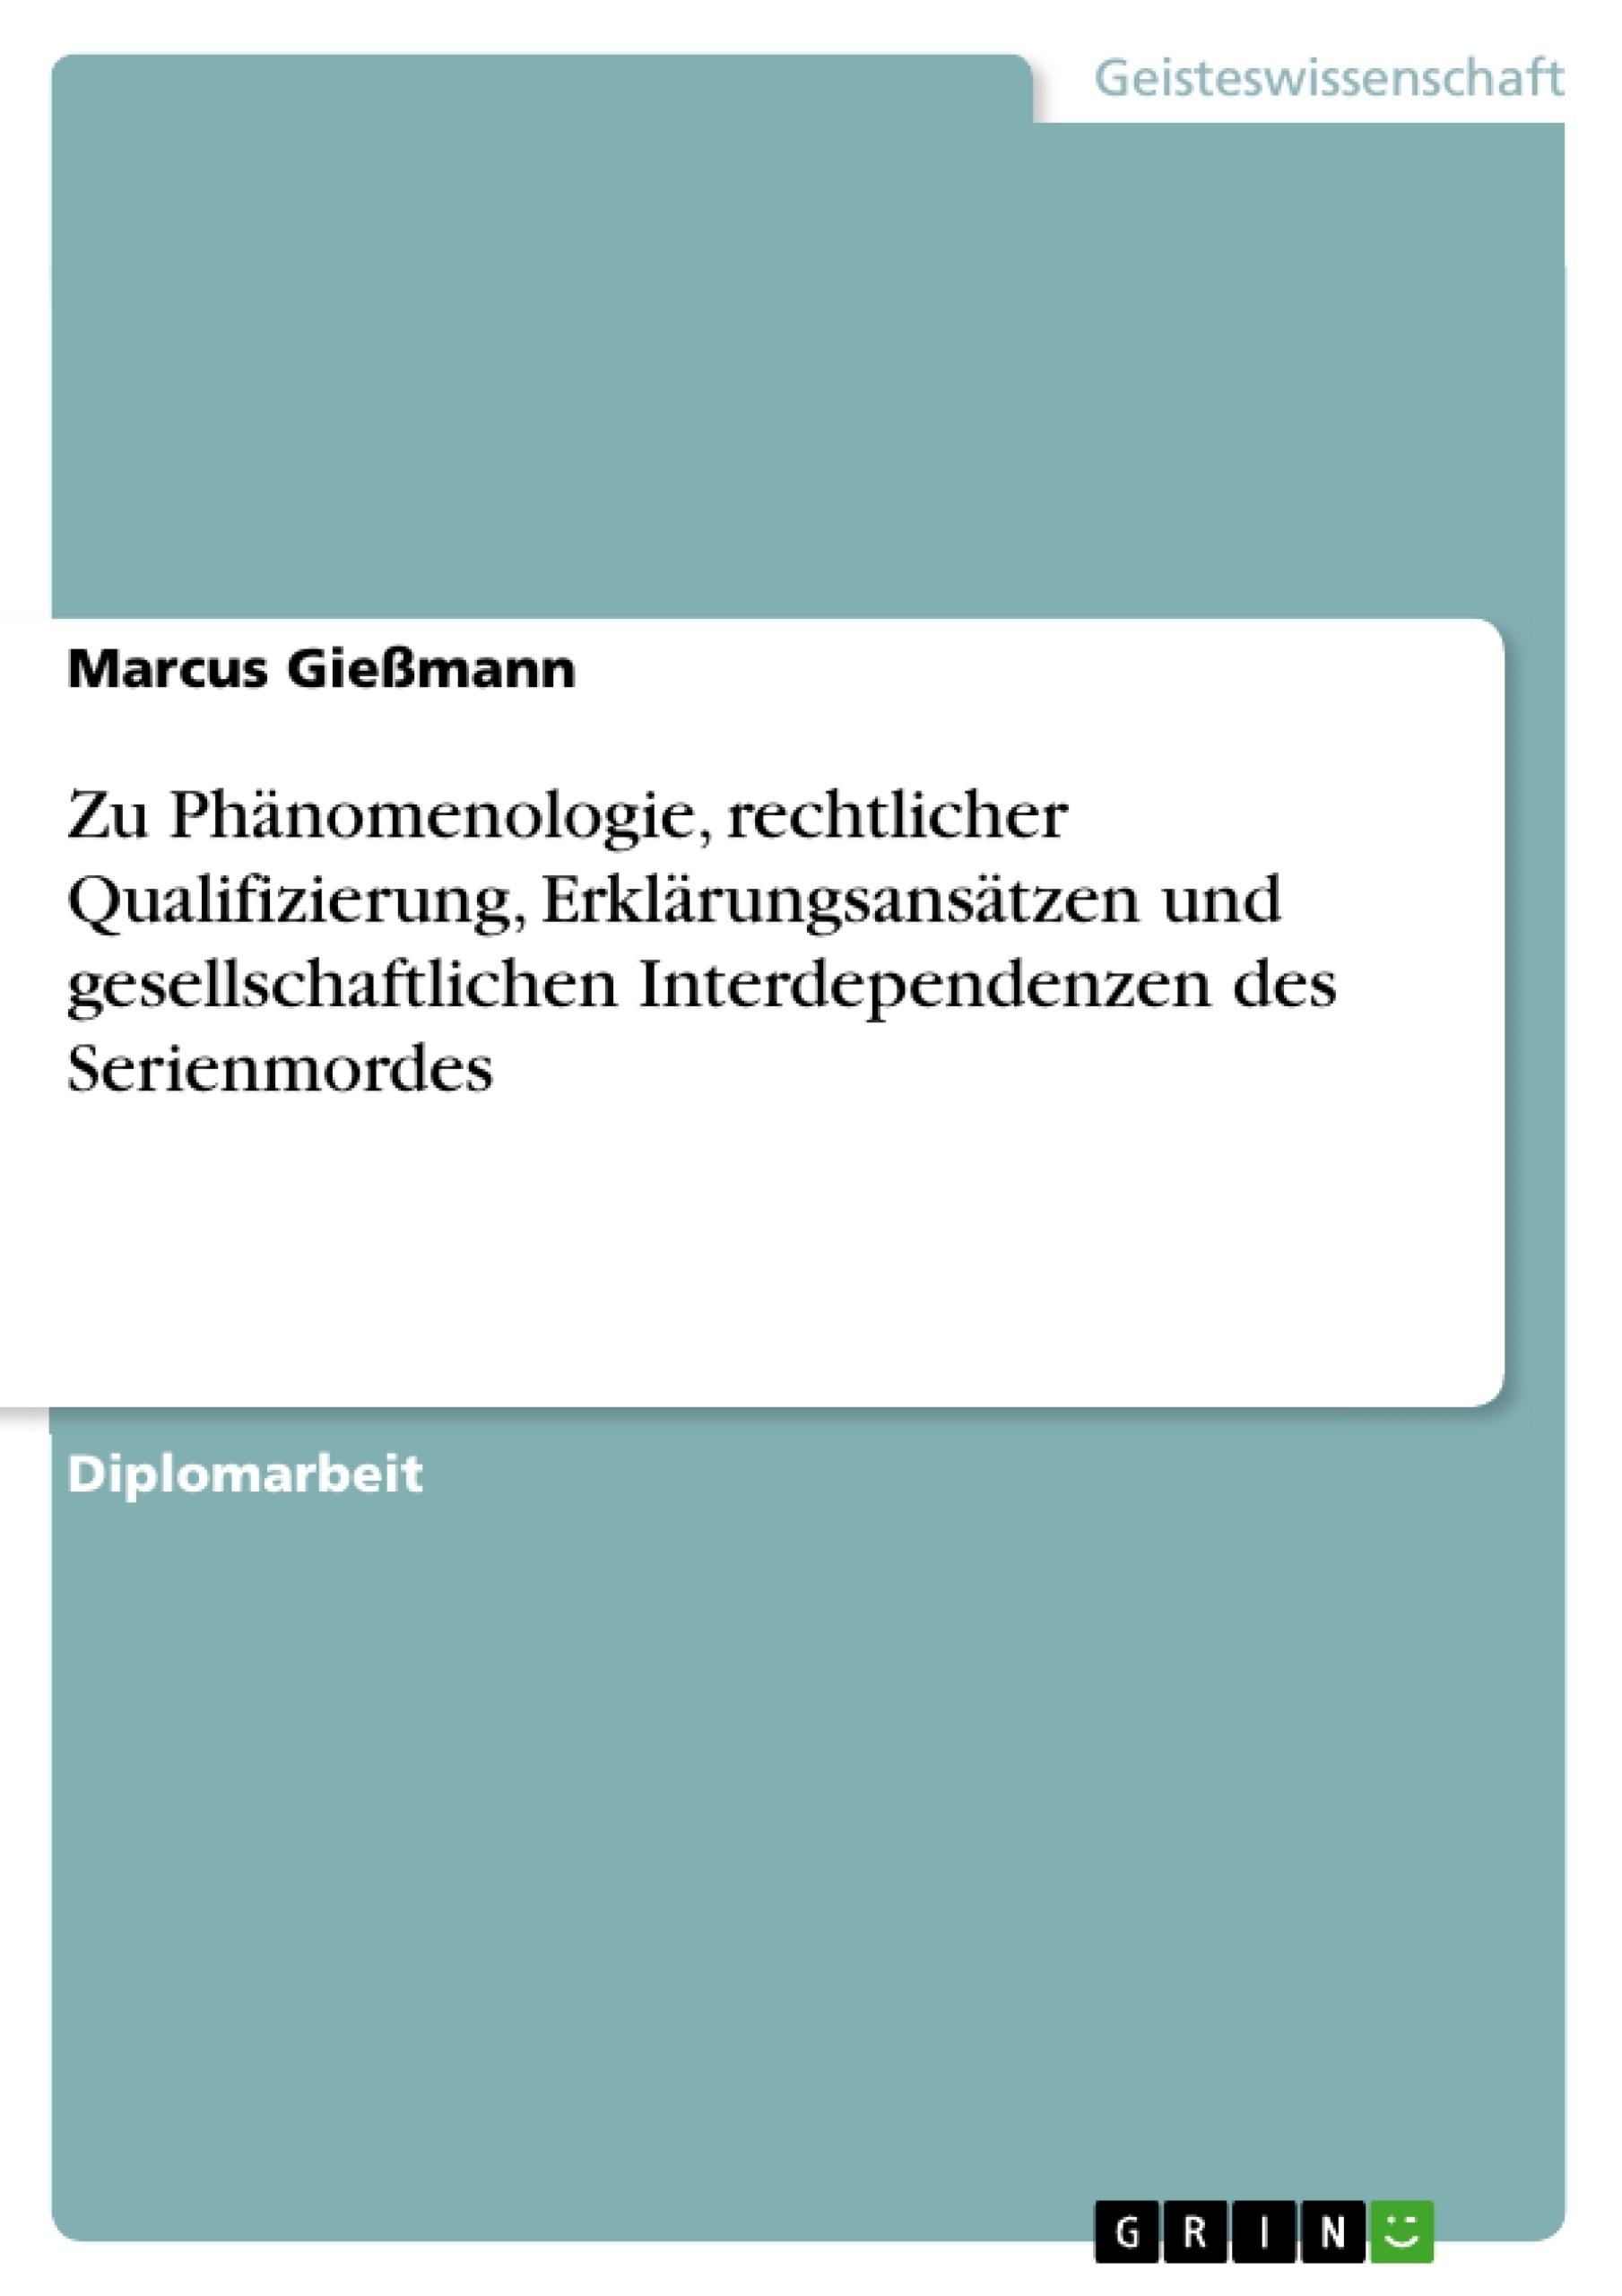 Titel: Zu Phänomenologie, rechtlicher Qualifizierung, Erklärungsansätzen und gesellschaftlichen Interdependenzen des Serienmordes